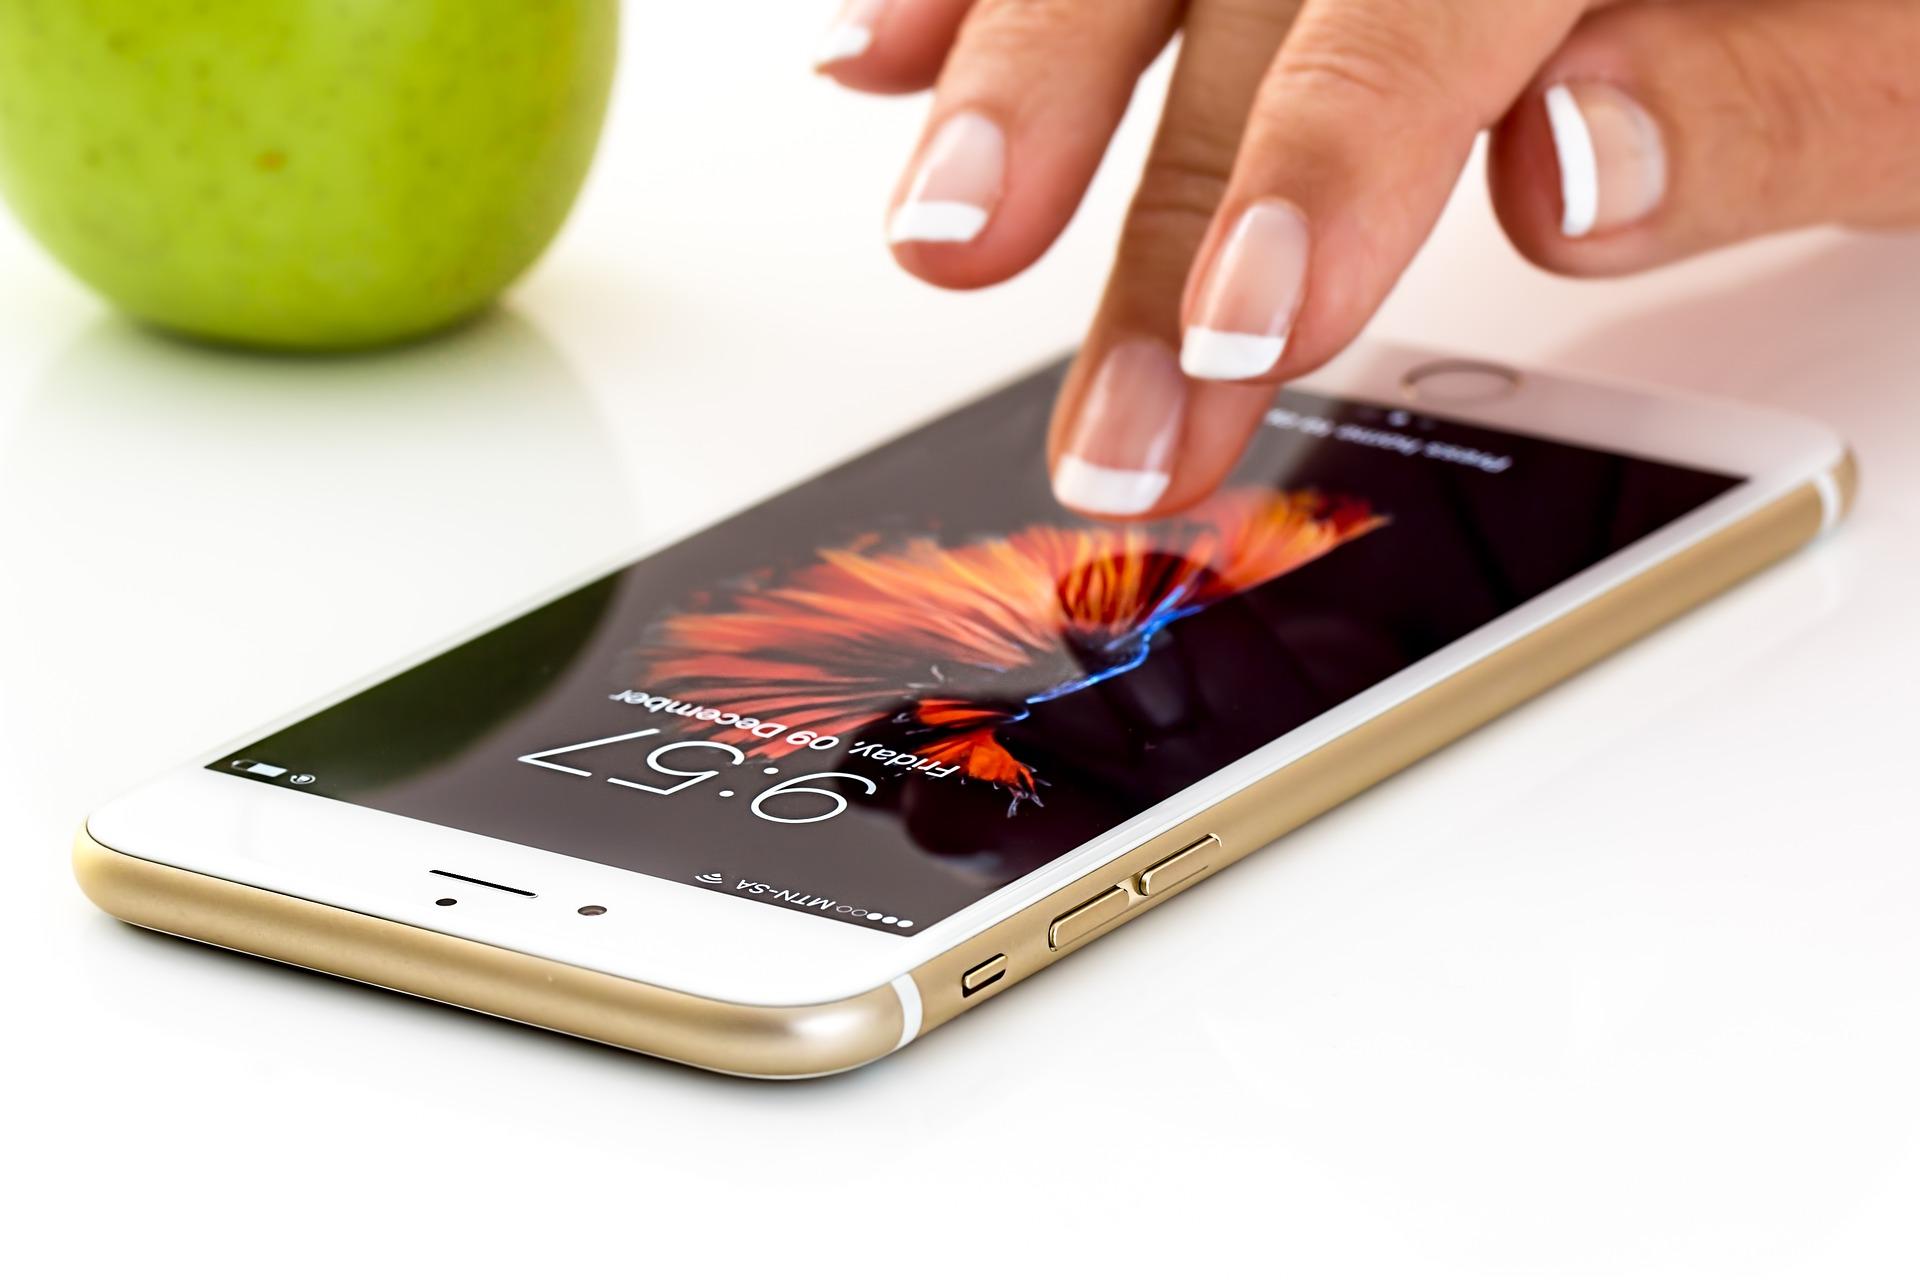 Pautas para un uso saludable de tu smartphone